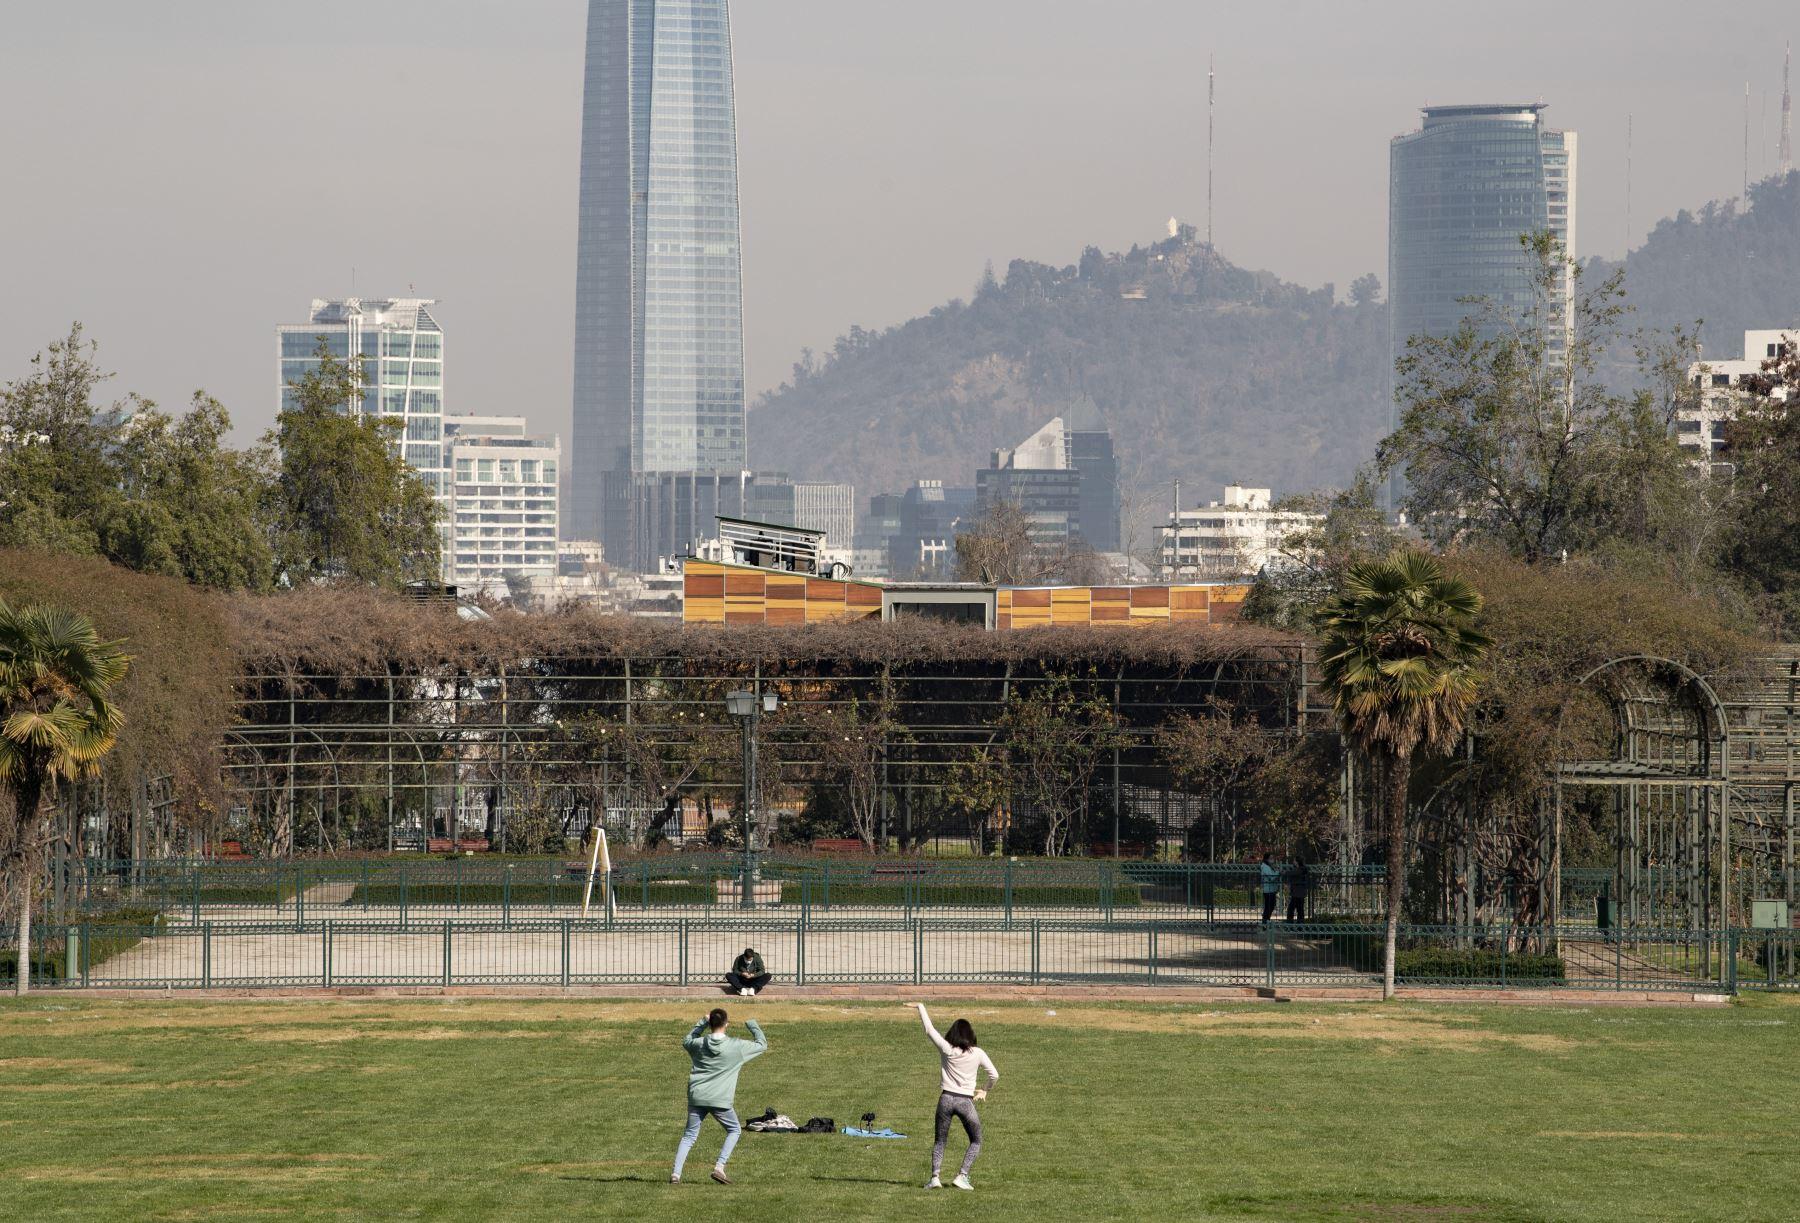 Personas realizan ejercicios en el parque Araucano, después que se aliviaran las medidas de bloqueo para detener la propagación de coronavirus, en la comuna de Las Condes, Santiago. Foto: AFP